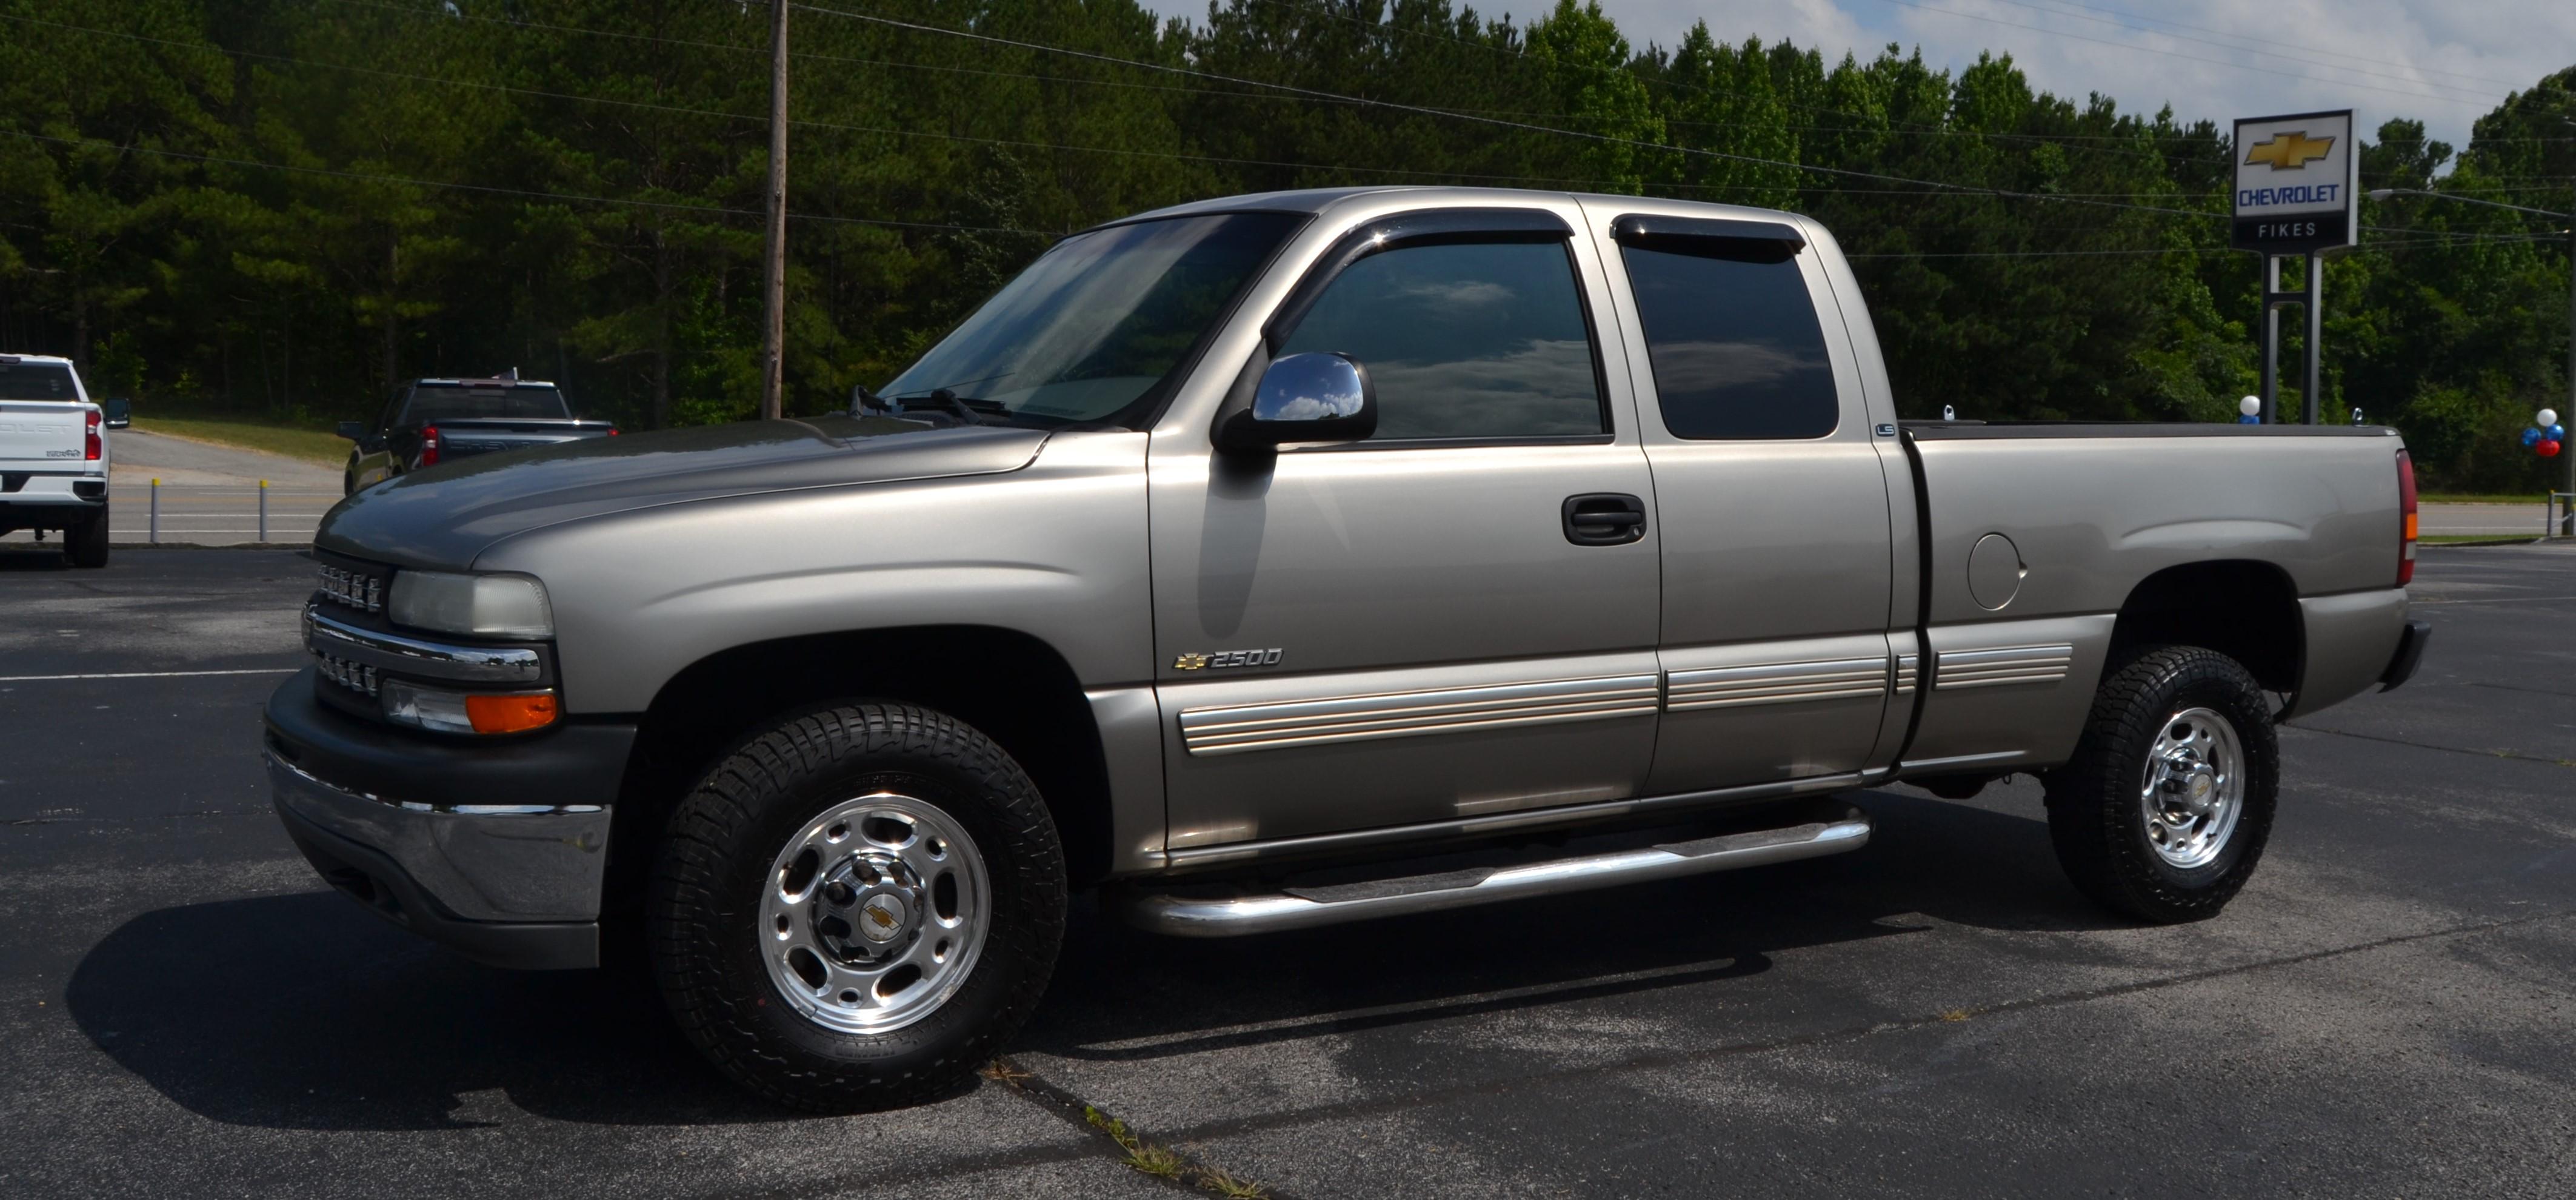 2000 Chevrolet Silverado 2500 HD LS